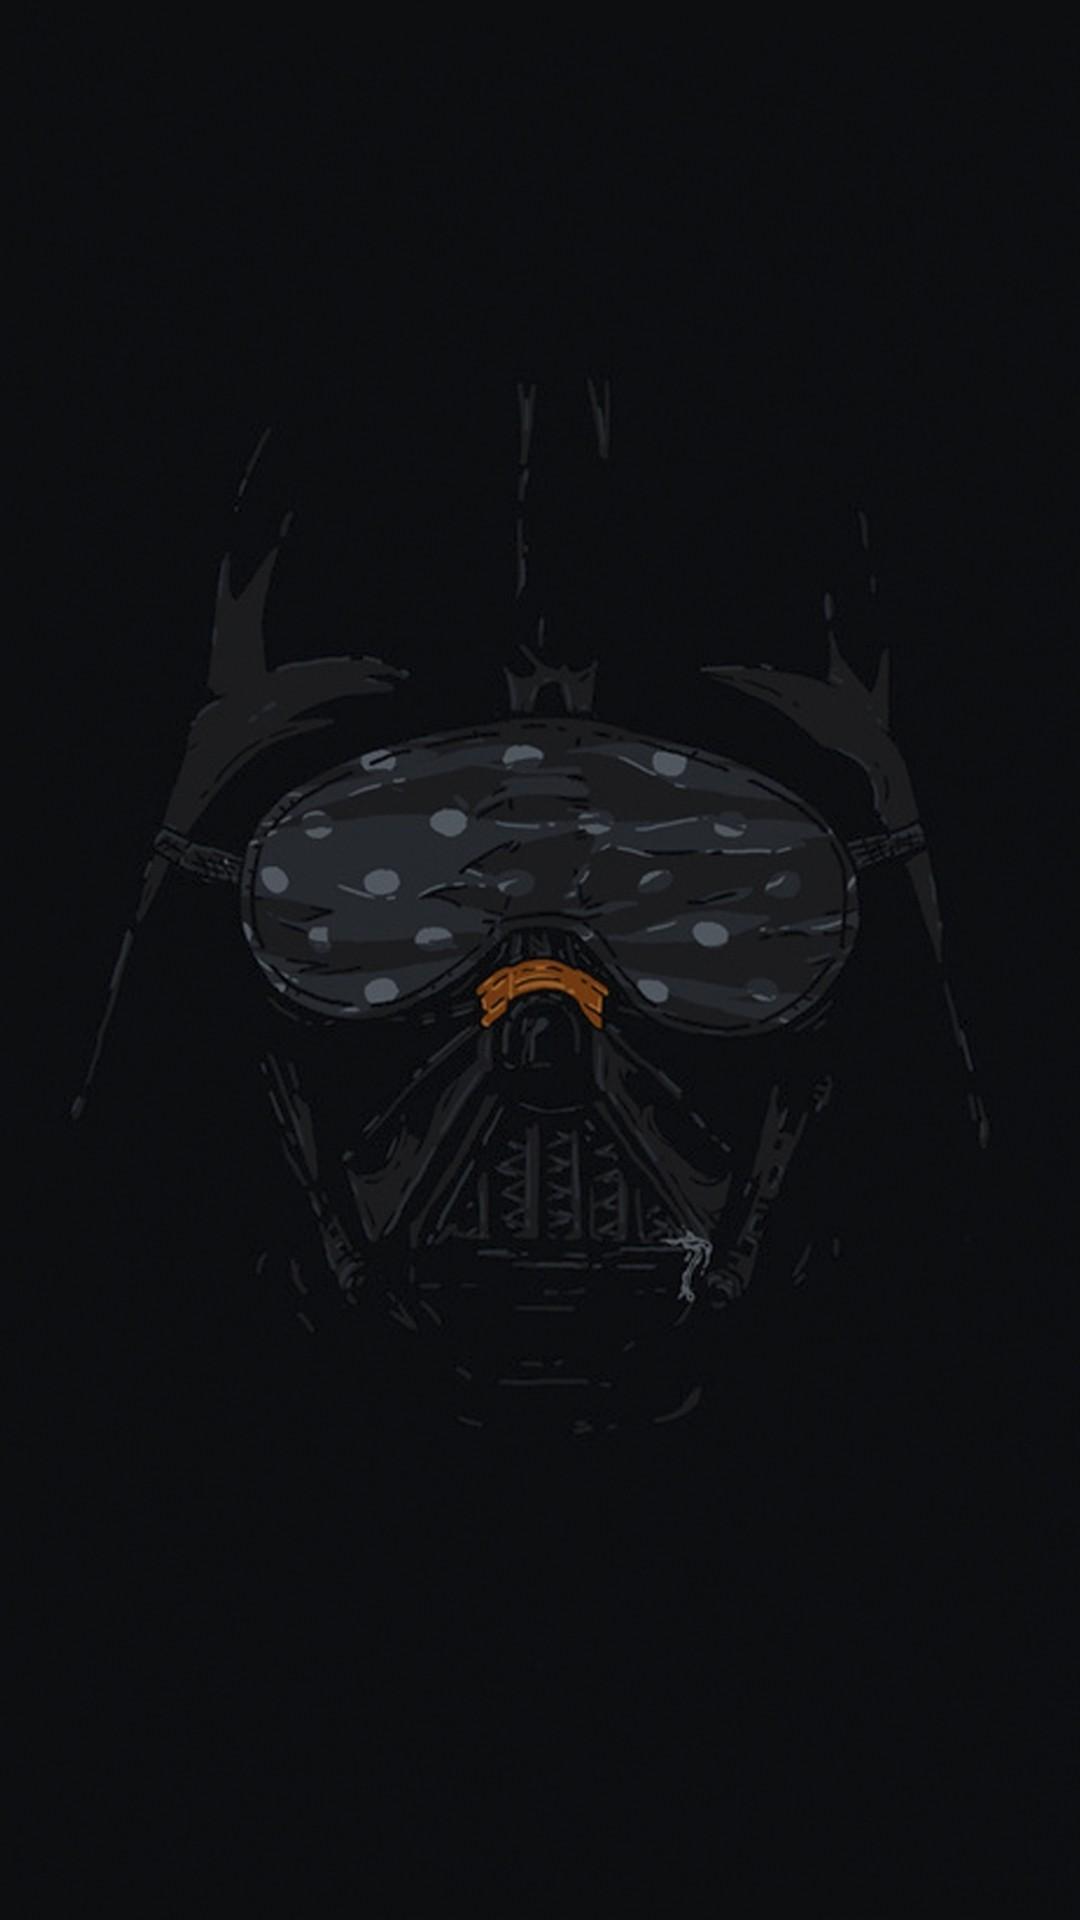 Dark Star Wars Phone Wallpapers - Wallpaper Cave